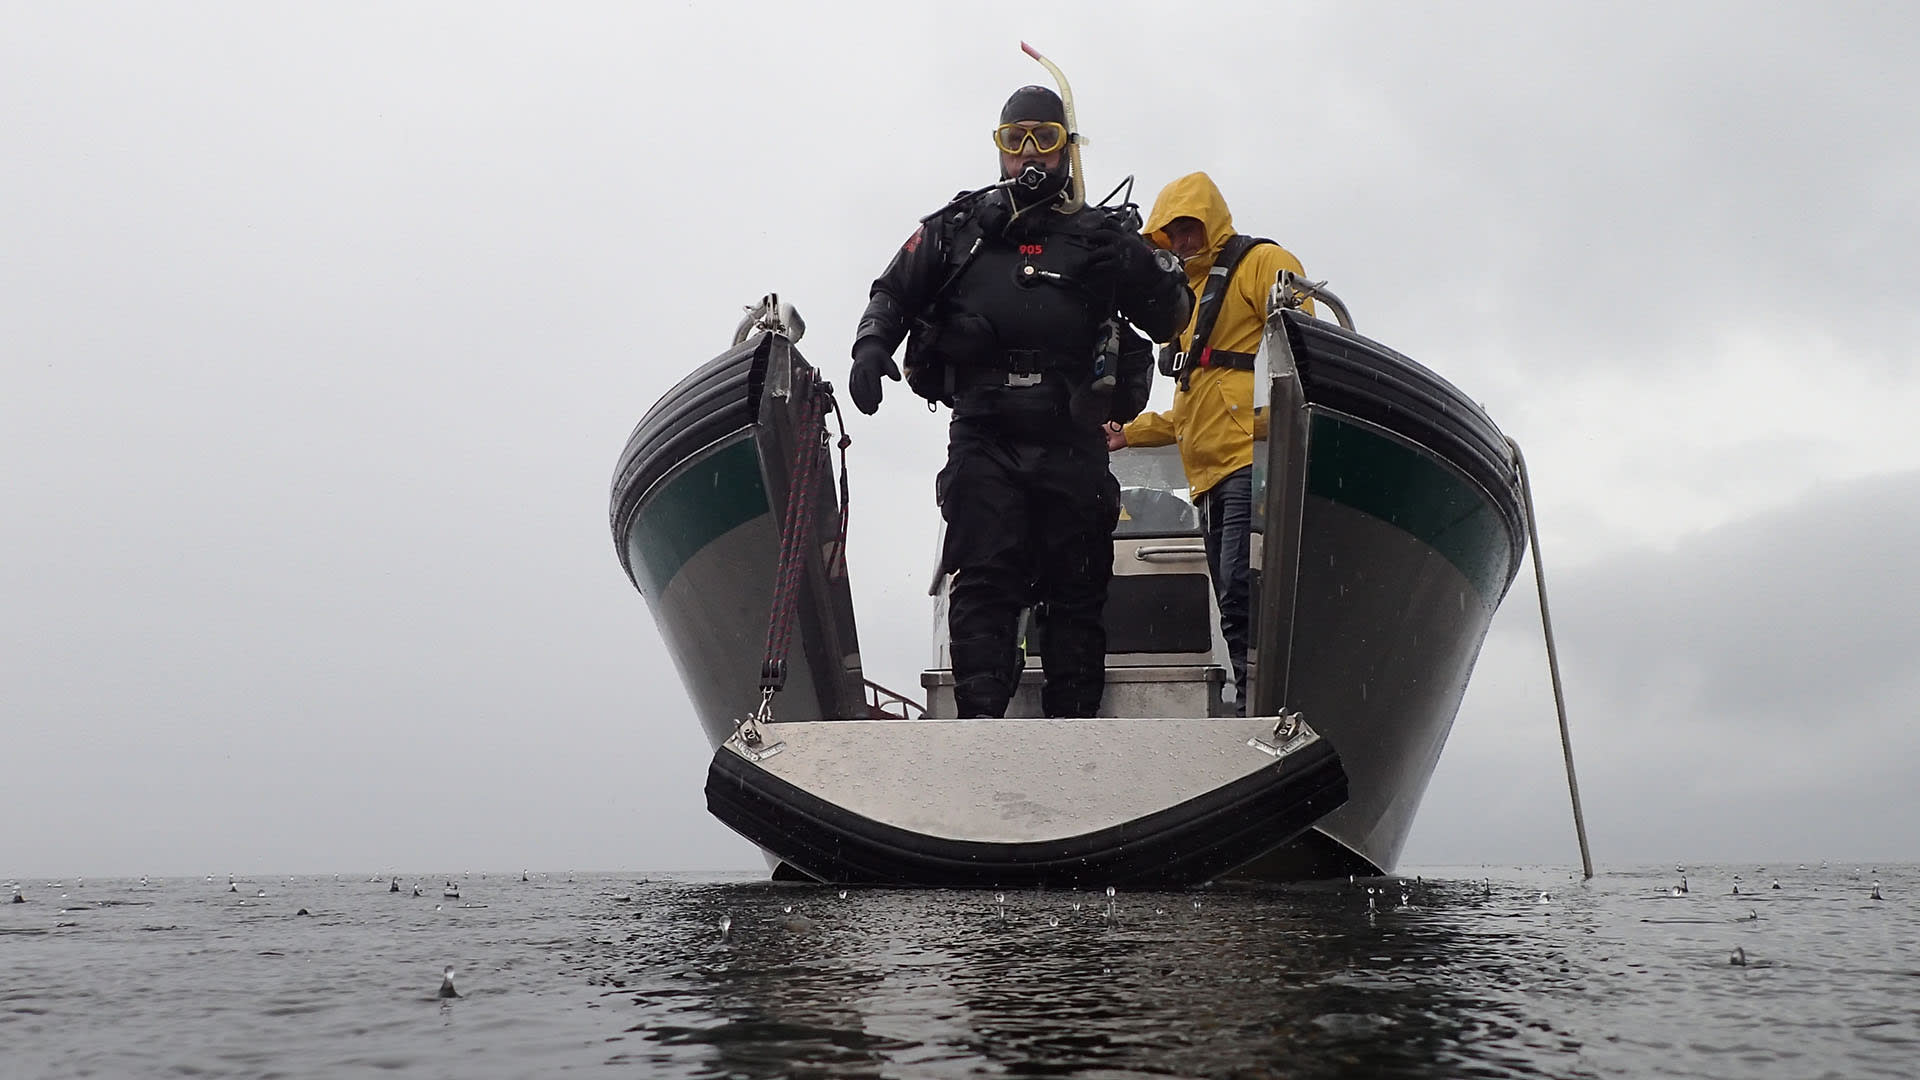 Mies sukeltamassa mereen veneestä, johon on tuunattu portti erityisesti sukeltamisen helpottamiseksi